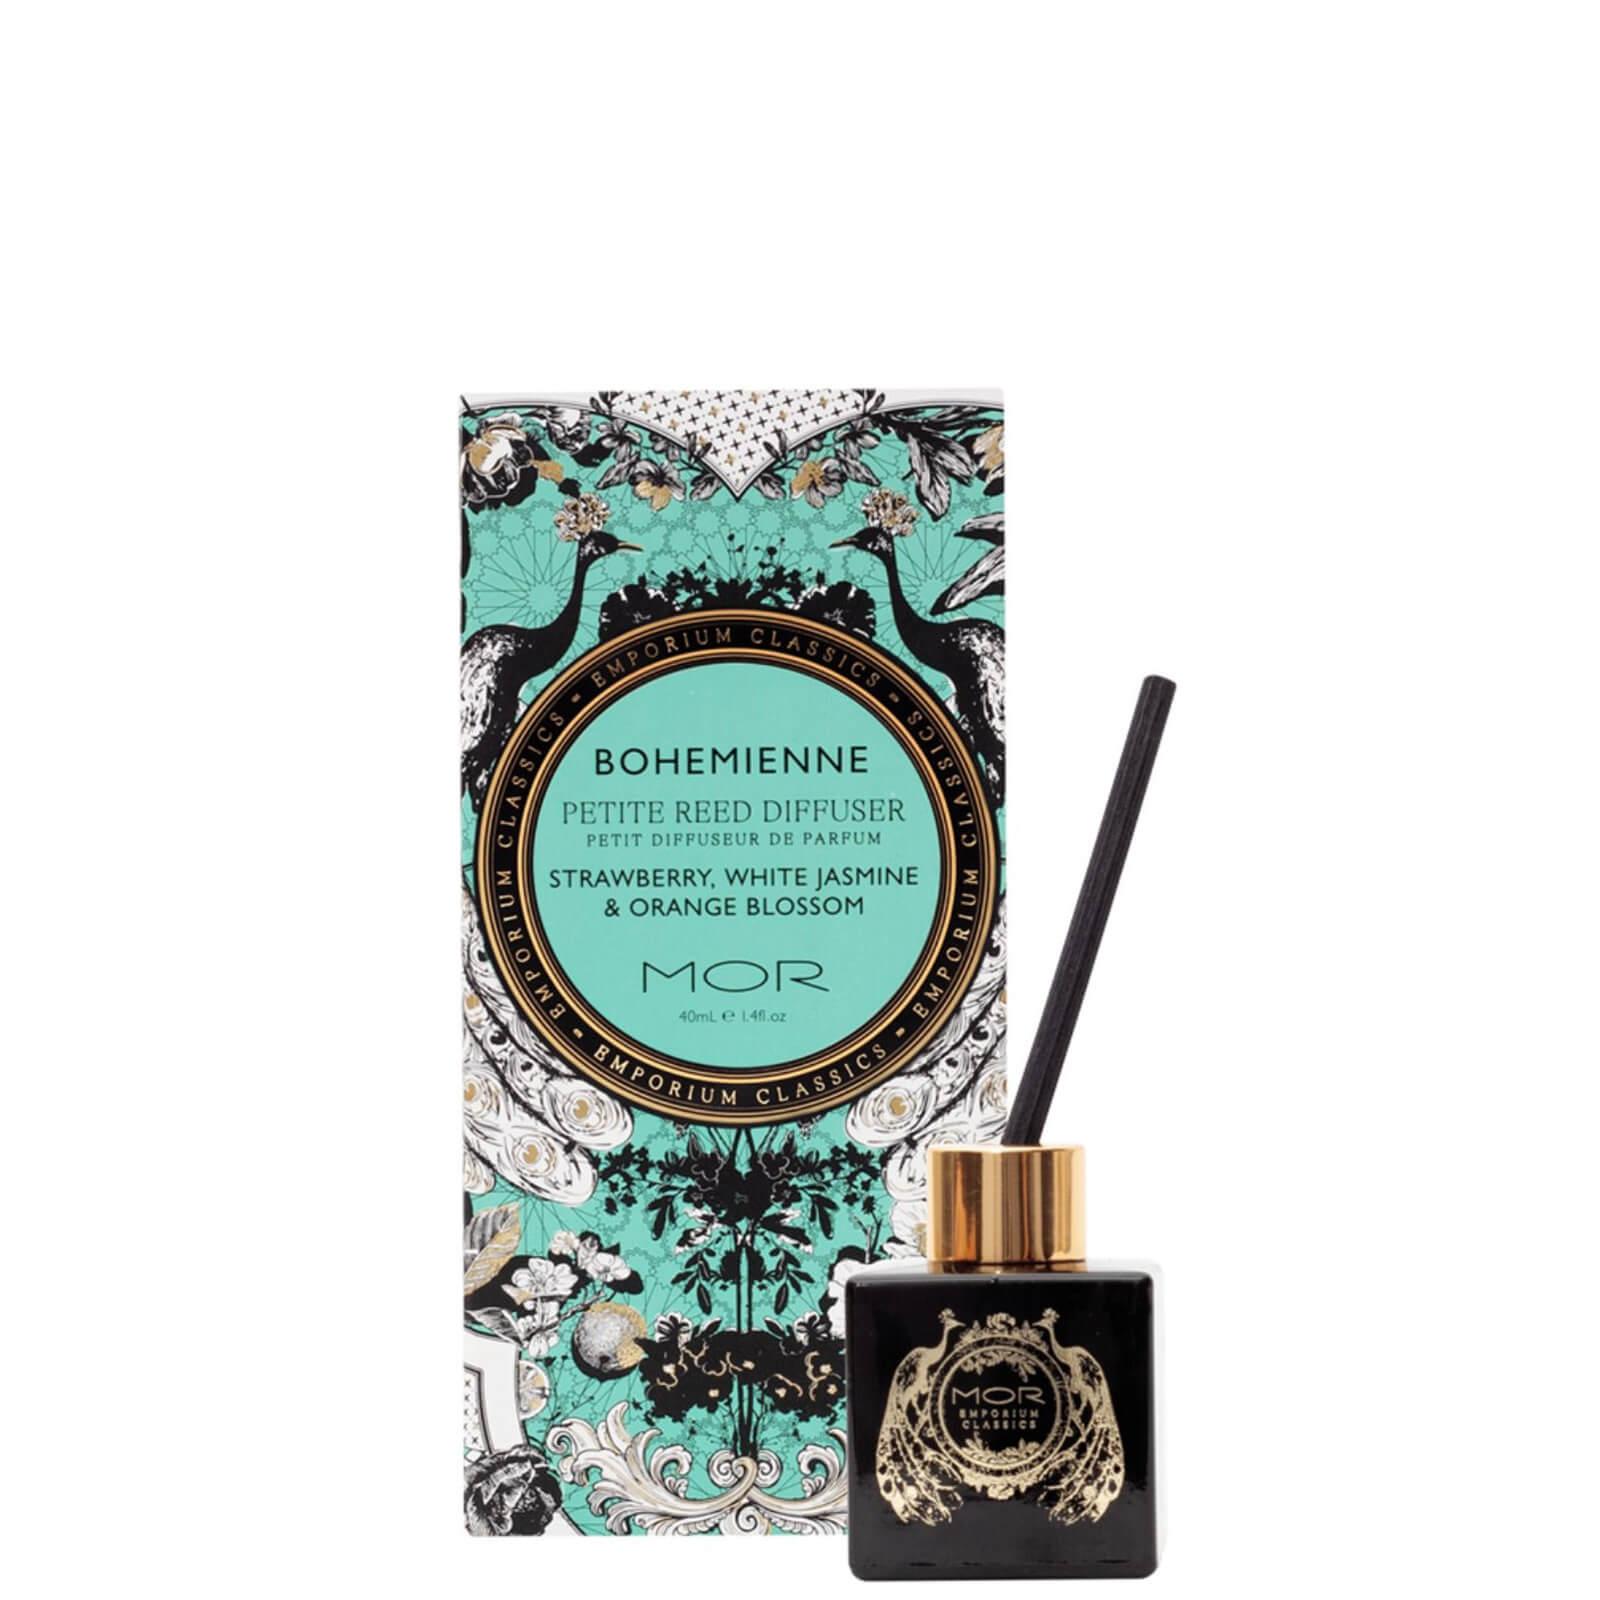 Купить MOR Emporium Classics Bohemienne Petite Reed Diffuser 40ml